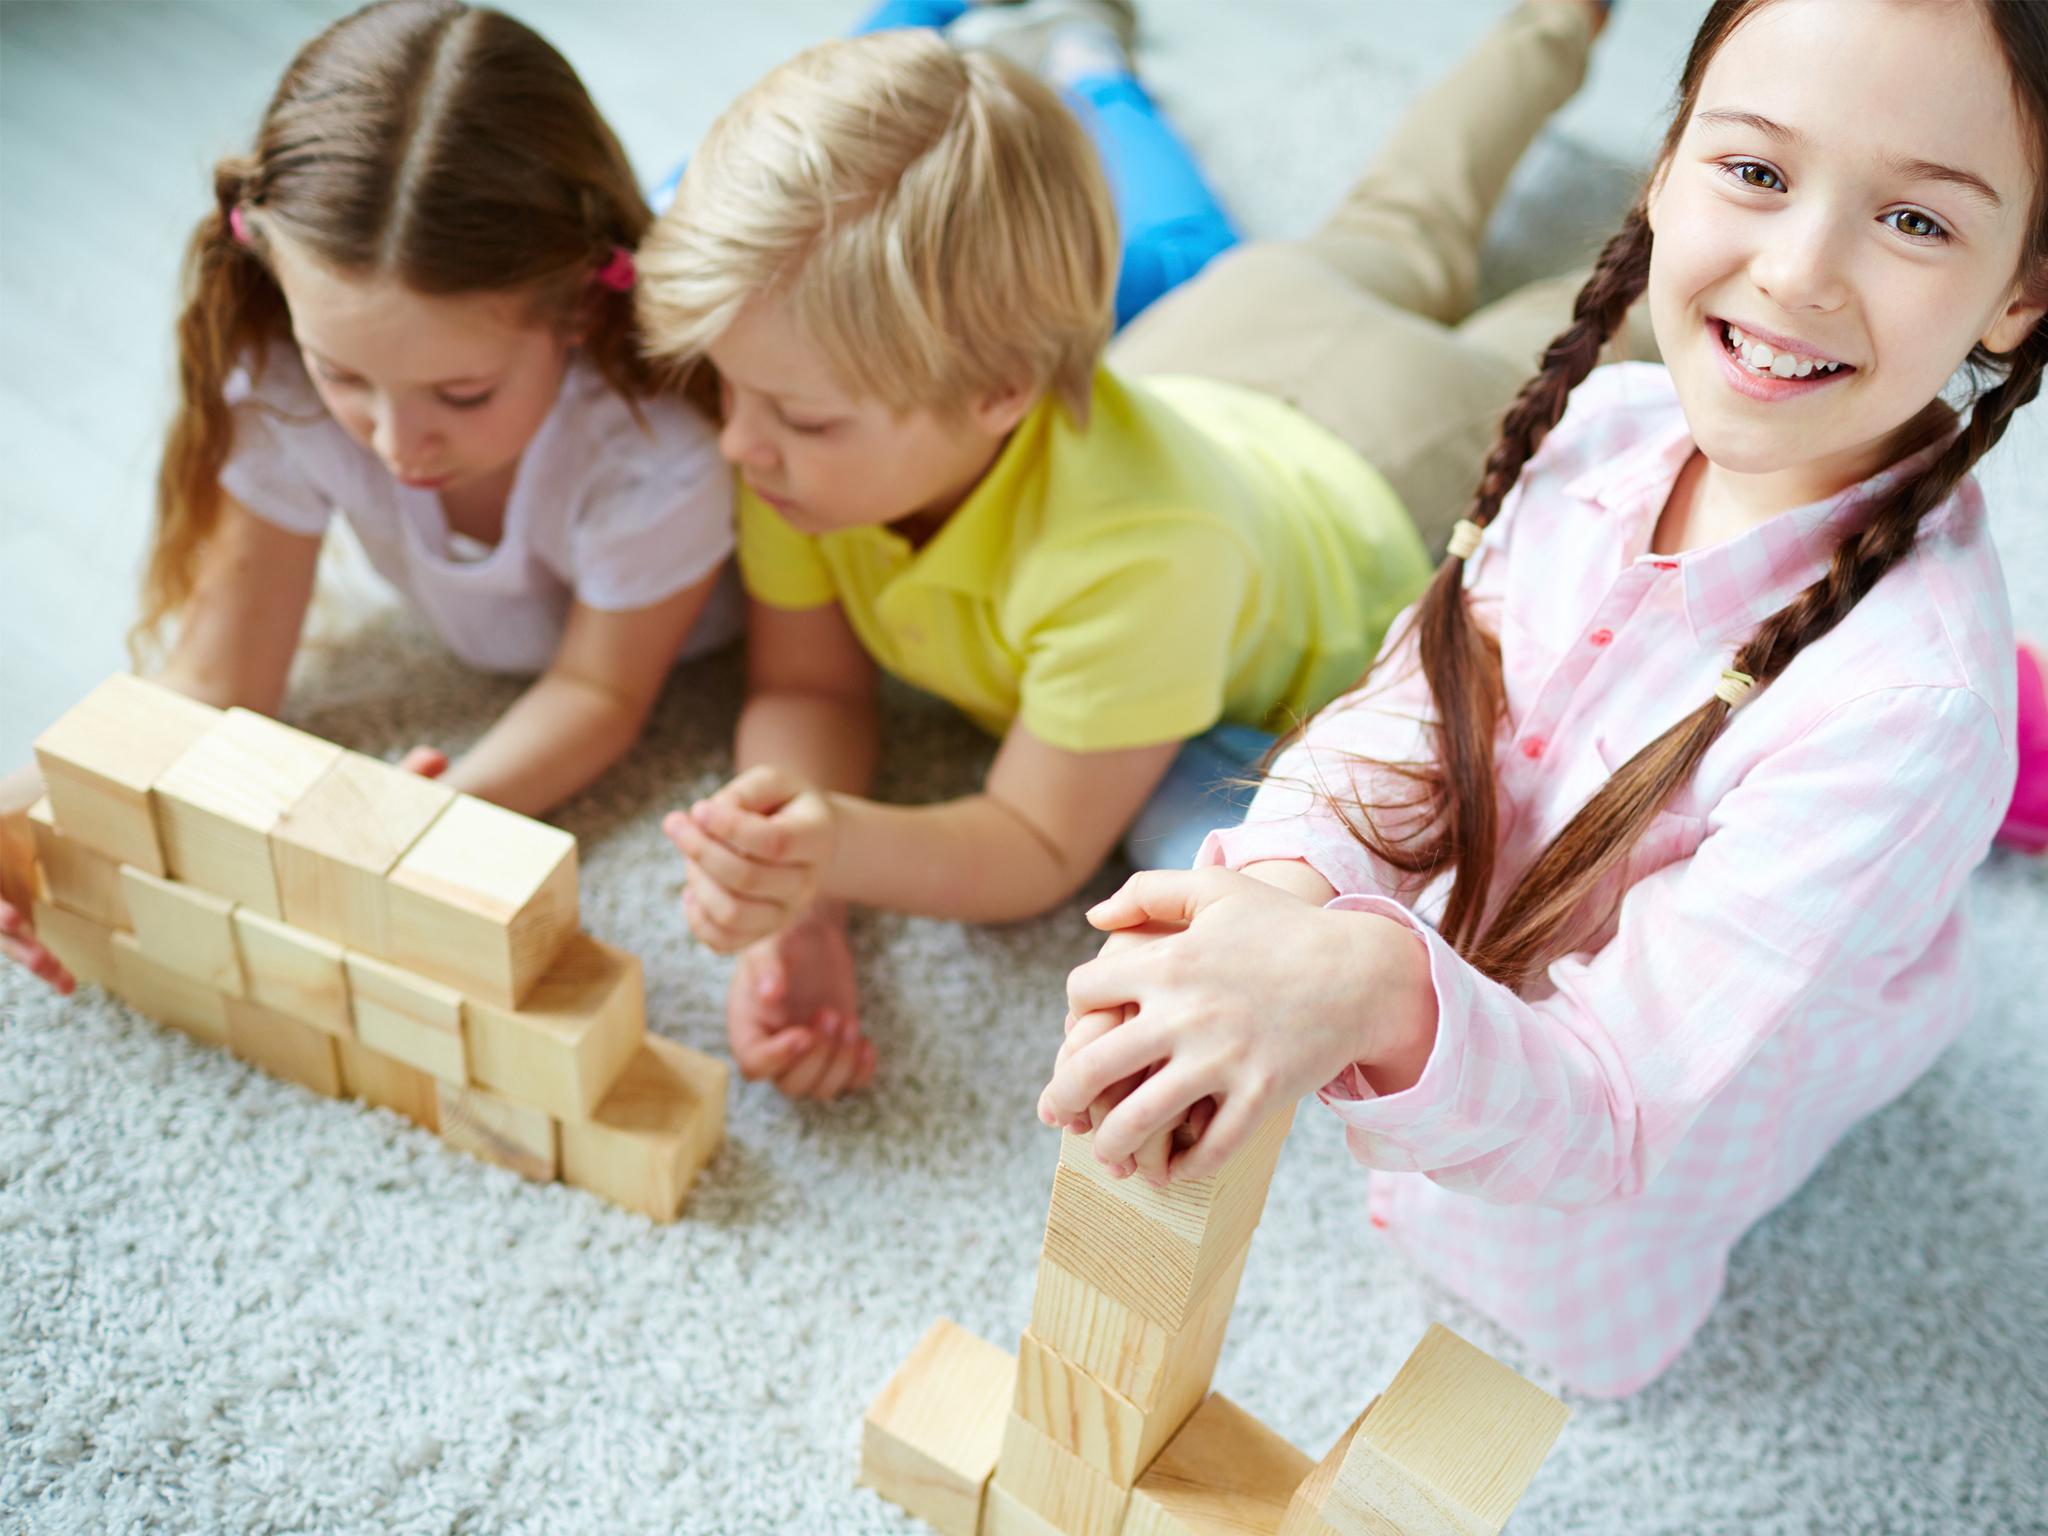 Actividades para niños en fin de semana en la CDMX